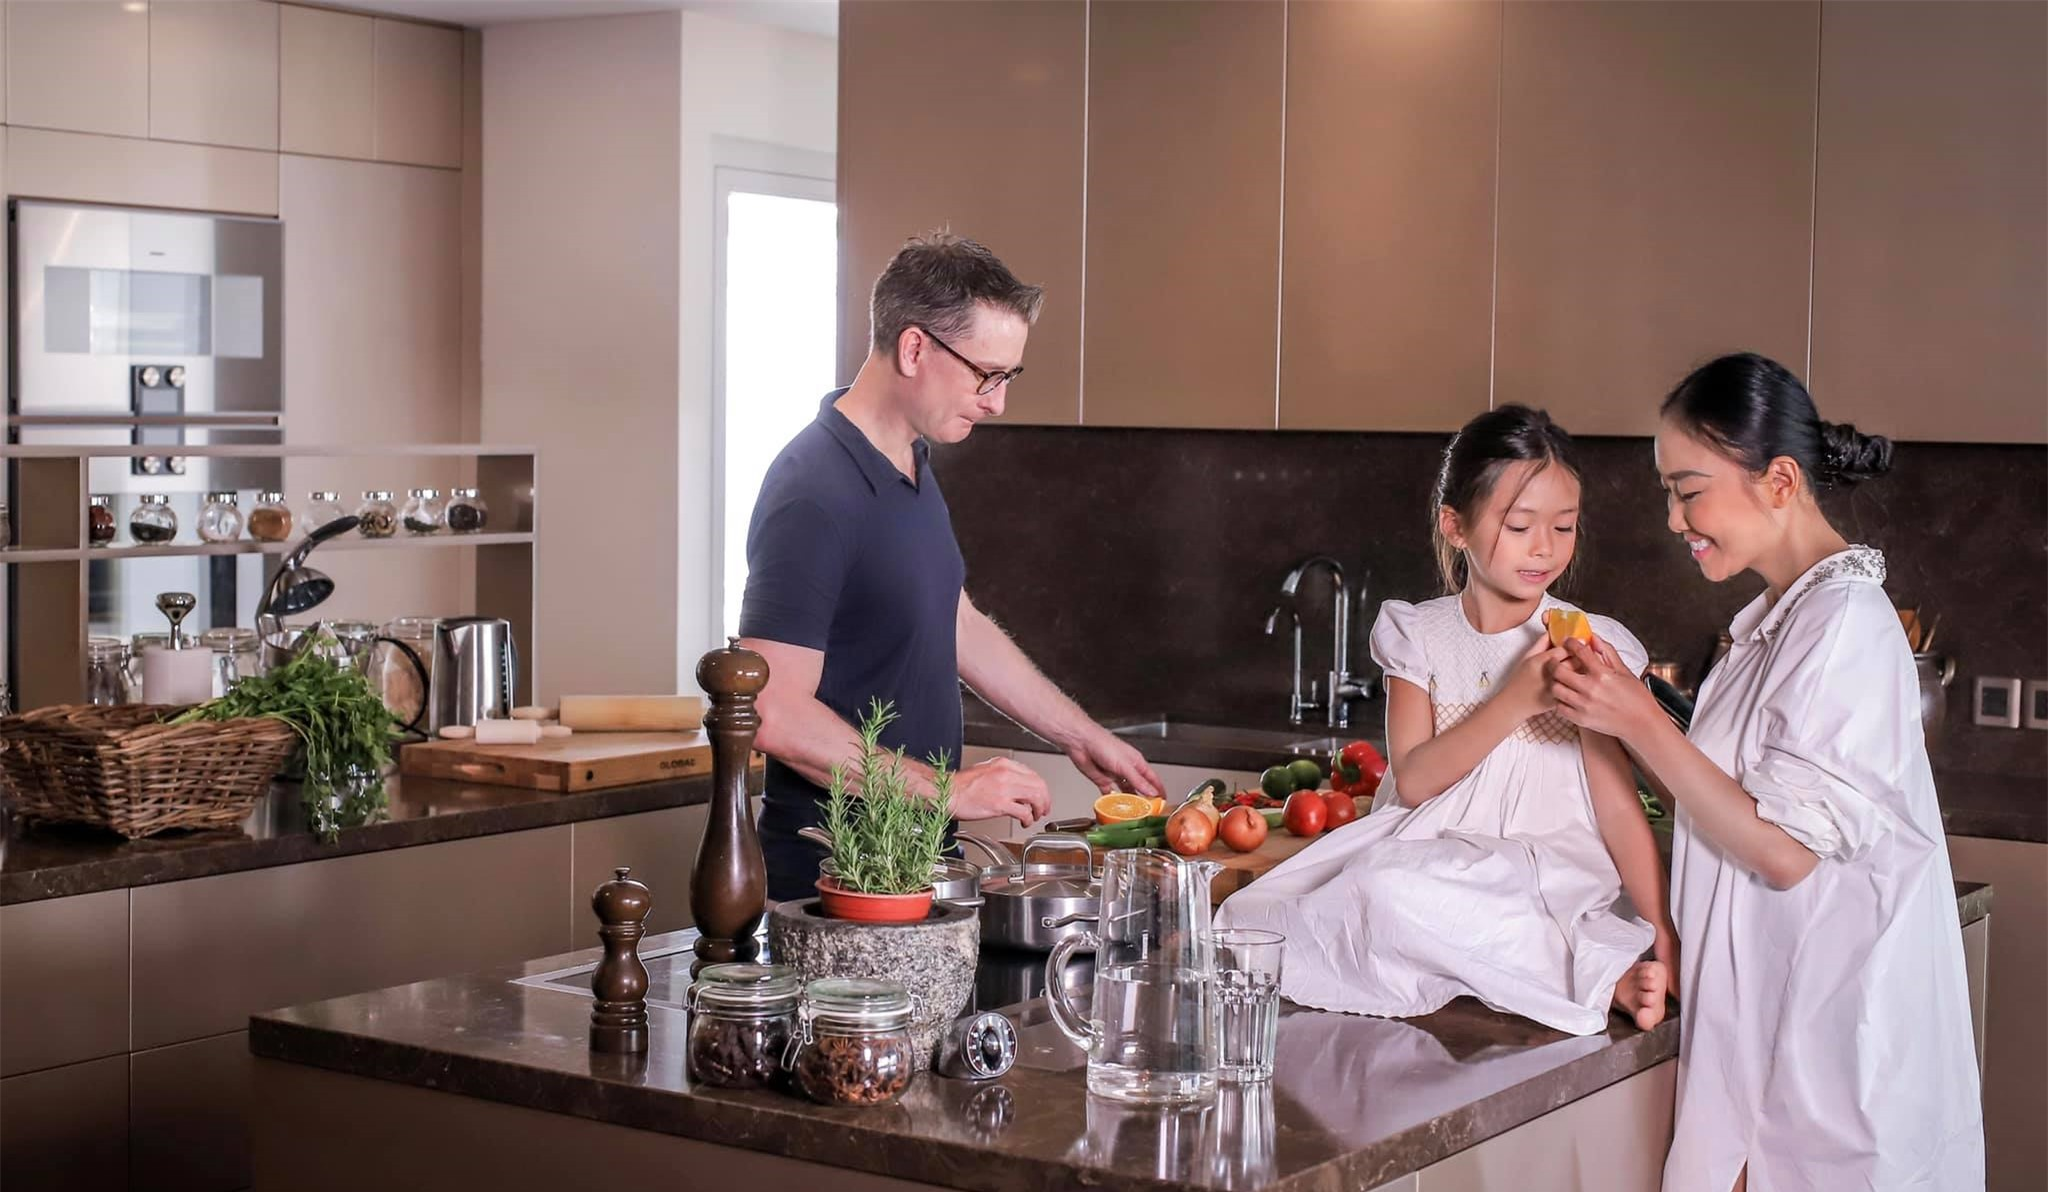 Đoan Trang có cô con gái mới 7 tuổi nhưng thần thái cực đỉnh, mỉm cười nhẹ 1 phát đã giật luôn spotlight của bố mẹ - Ảnh 3.